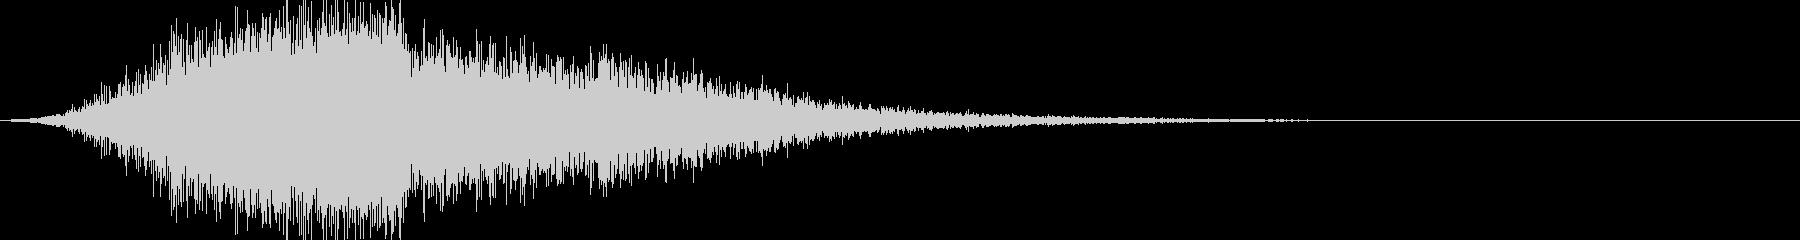 ドカーン:上昇して爆発する音の未再生の波形